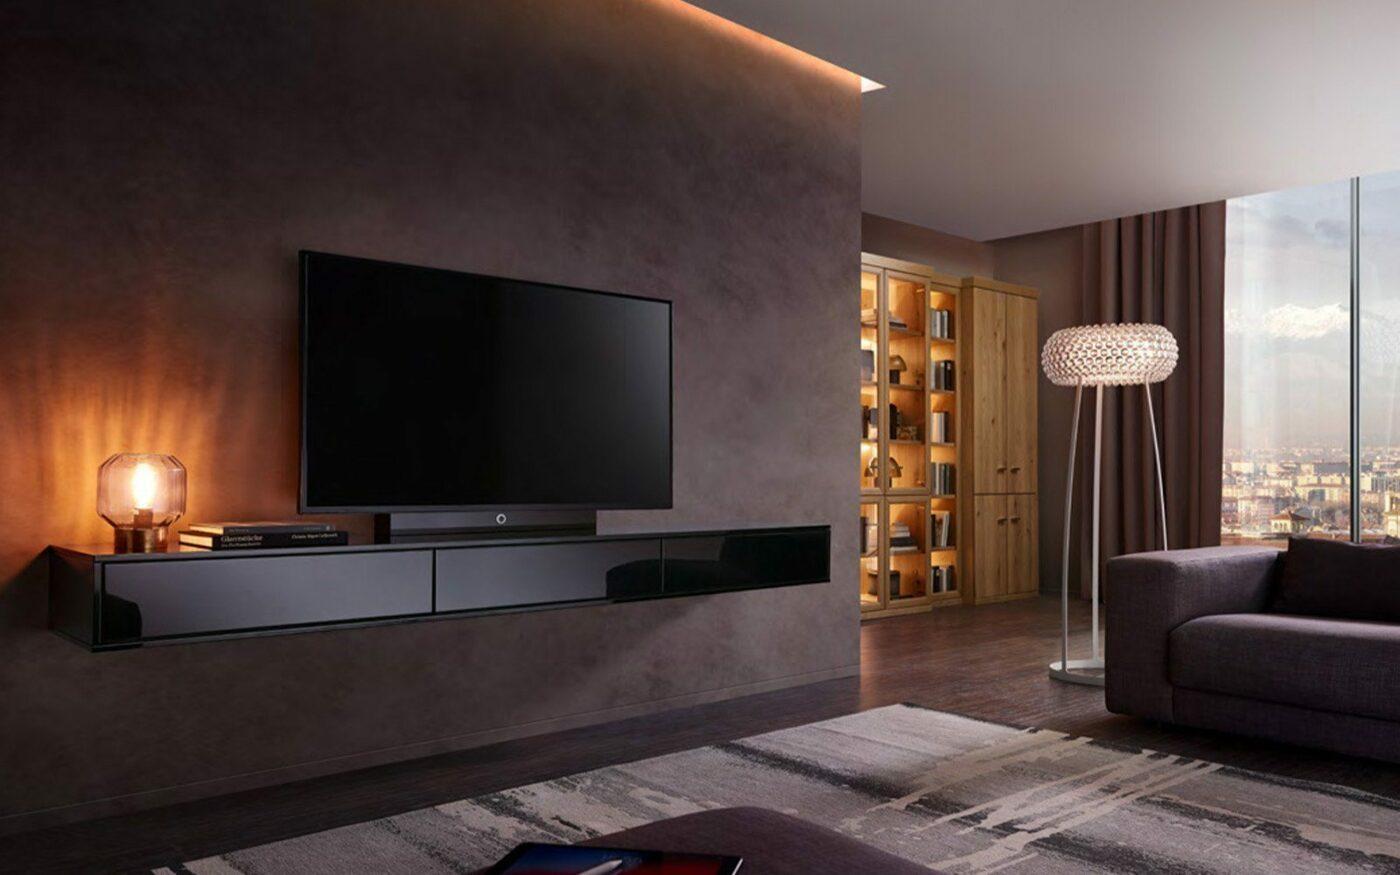 RMW Wohnbeispiel: Wohnzimmer mit minimalistischer Hängekommode